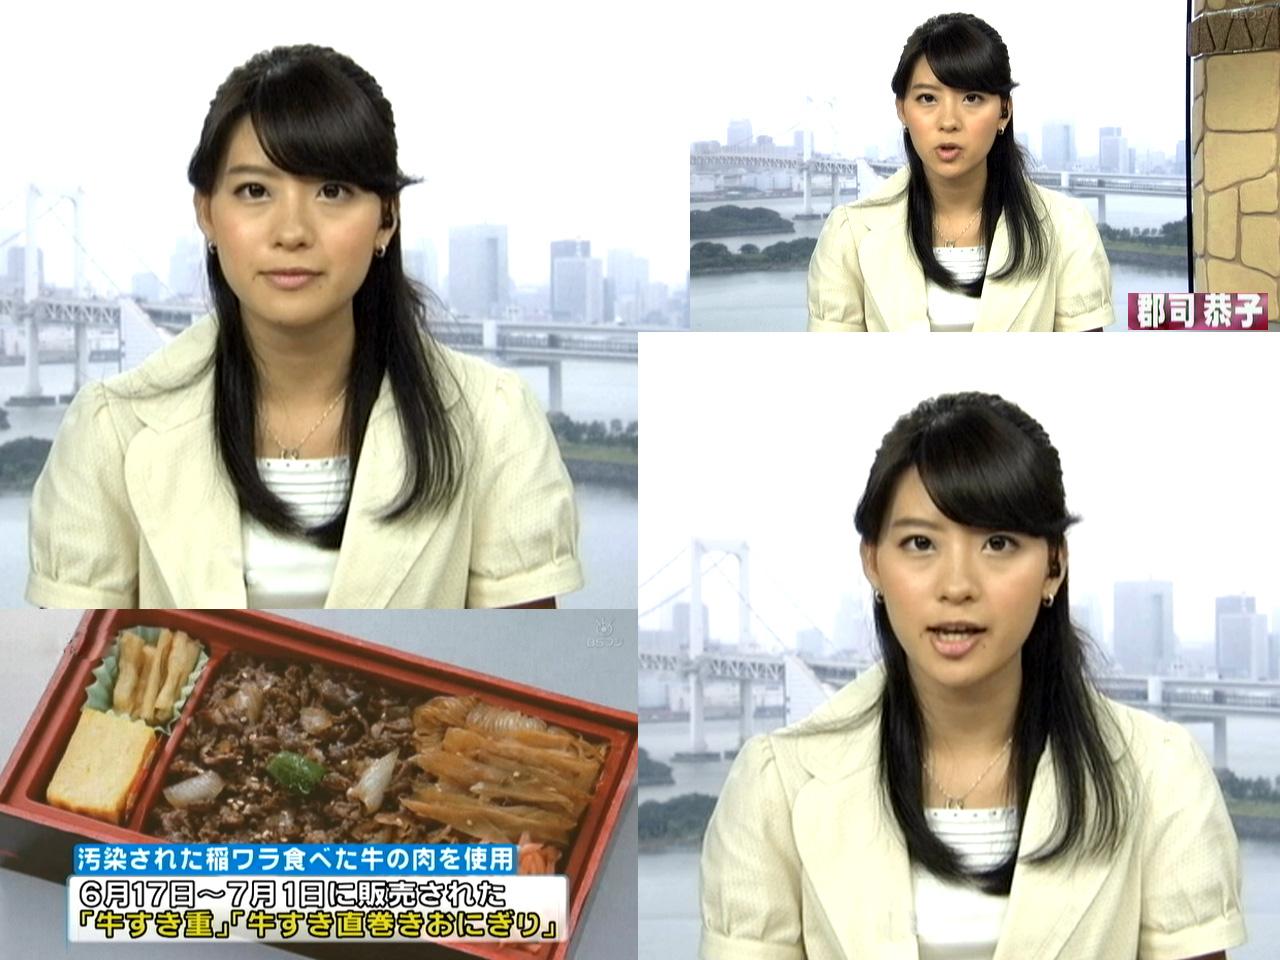 郡司恭子 【女子アナ】 郡司恭子(ぐんじきょうこ) 写真・画像(2013年日本テレビ新人アナ…